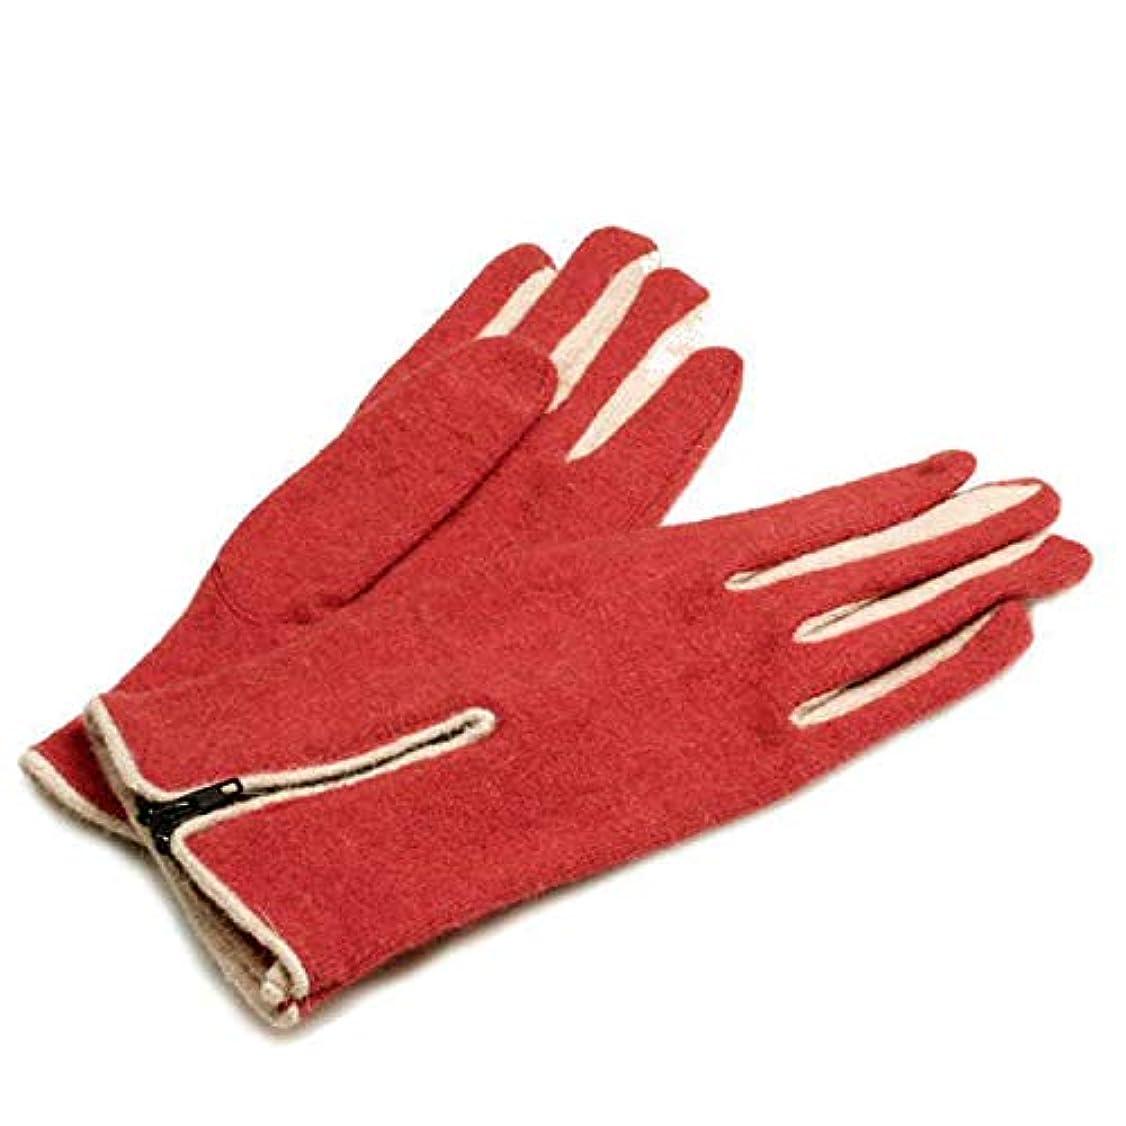 振動させる柔らかい理容室秋と冬レディースフィンガー手袋ショートセクション厚手のウール手袋乗馬ウォーム手袋を運転する